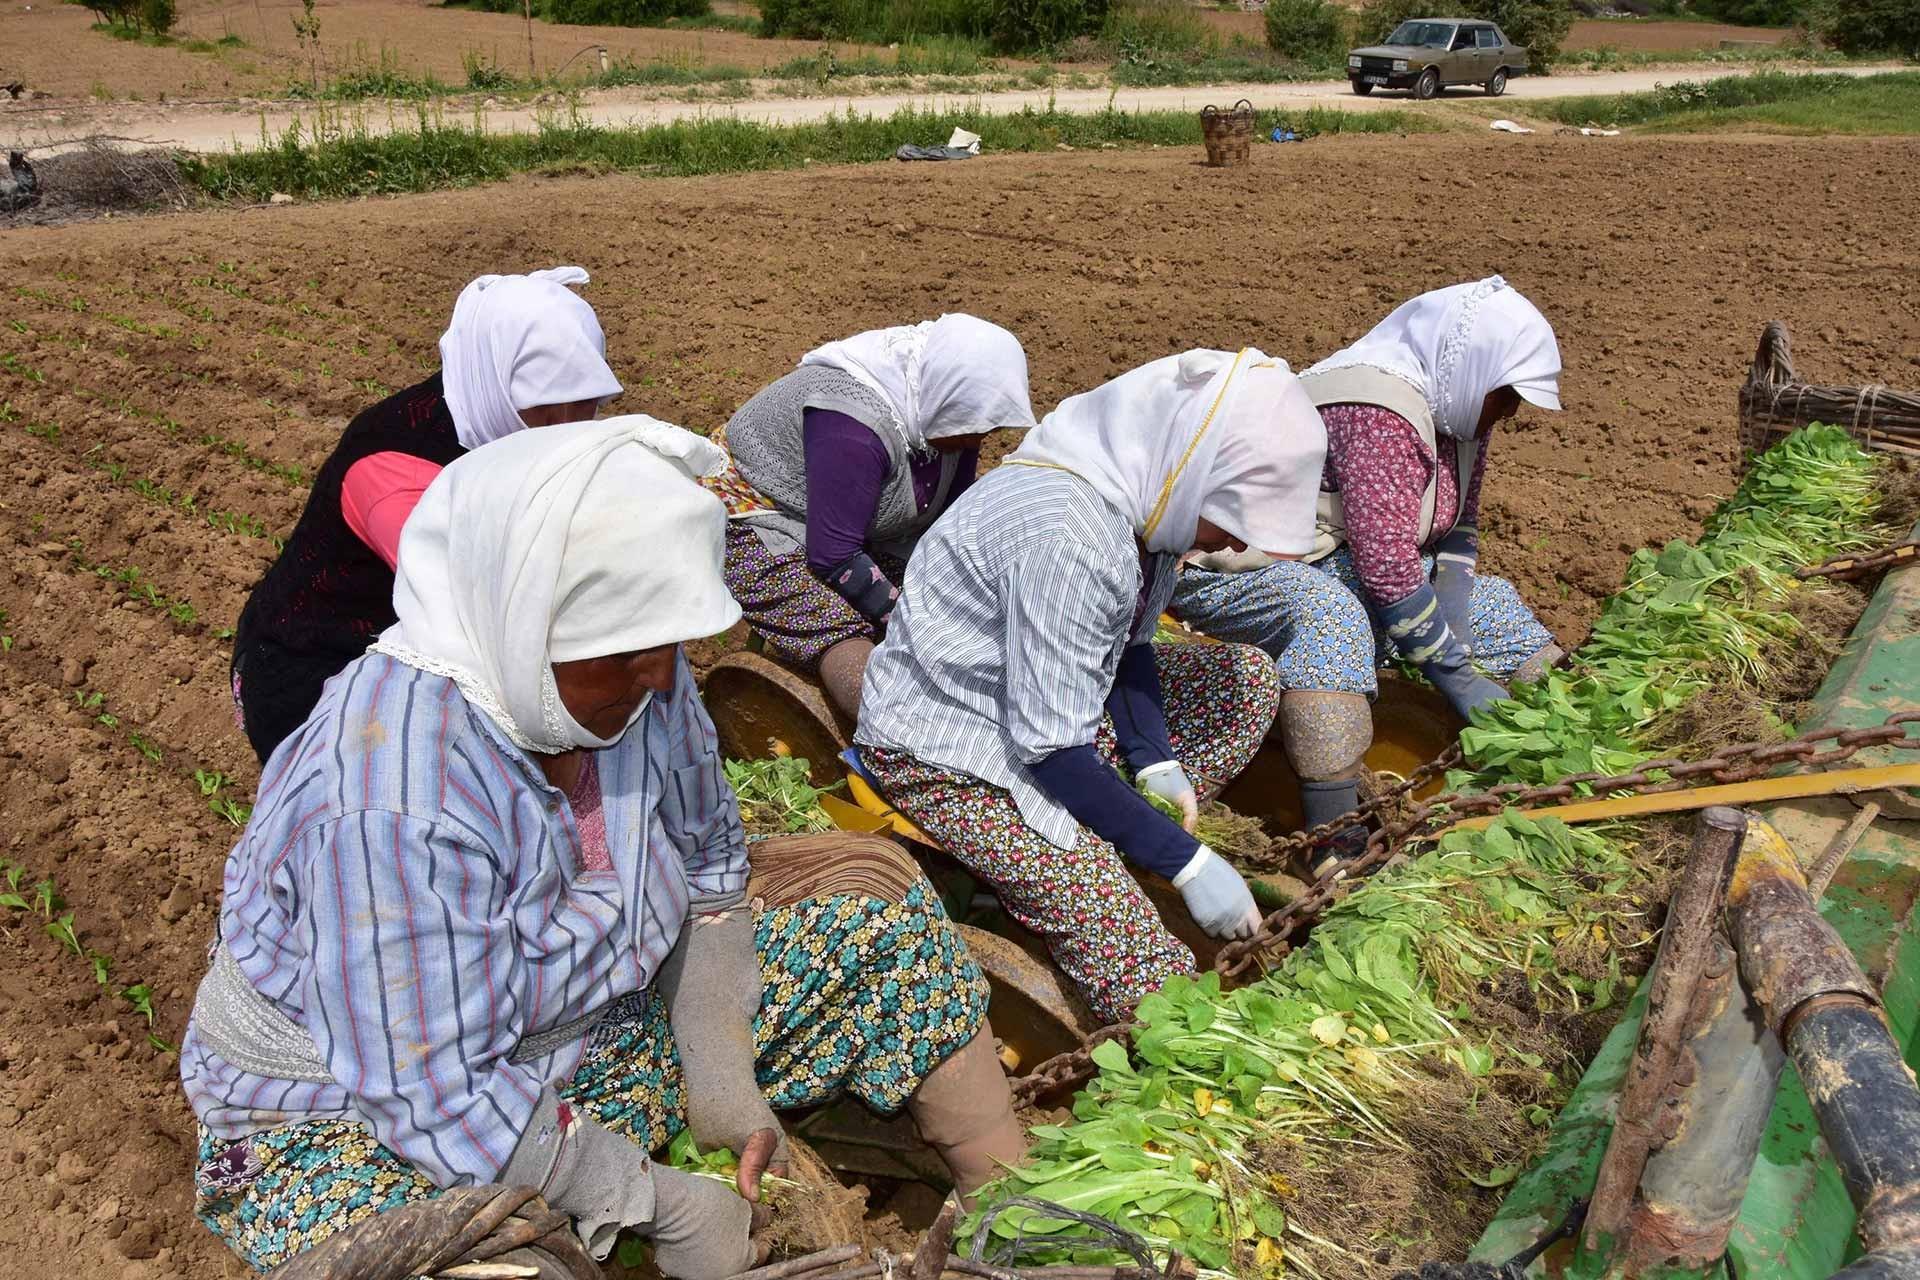 Muğla ve ilçelerinde yaklaşık bin kadar kadın işçi tütün tarlalarında çalışıyor